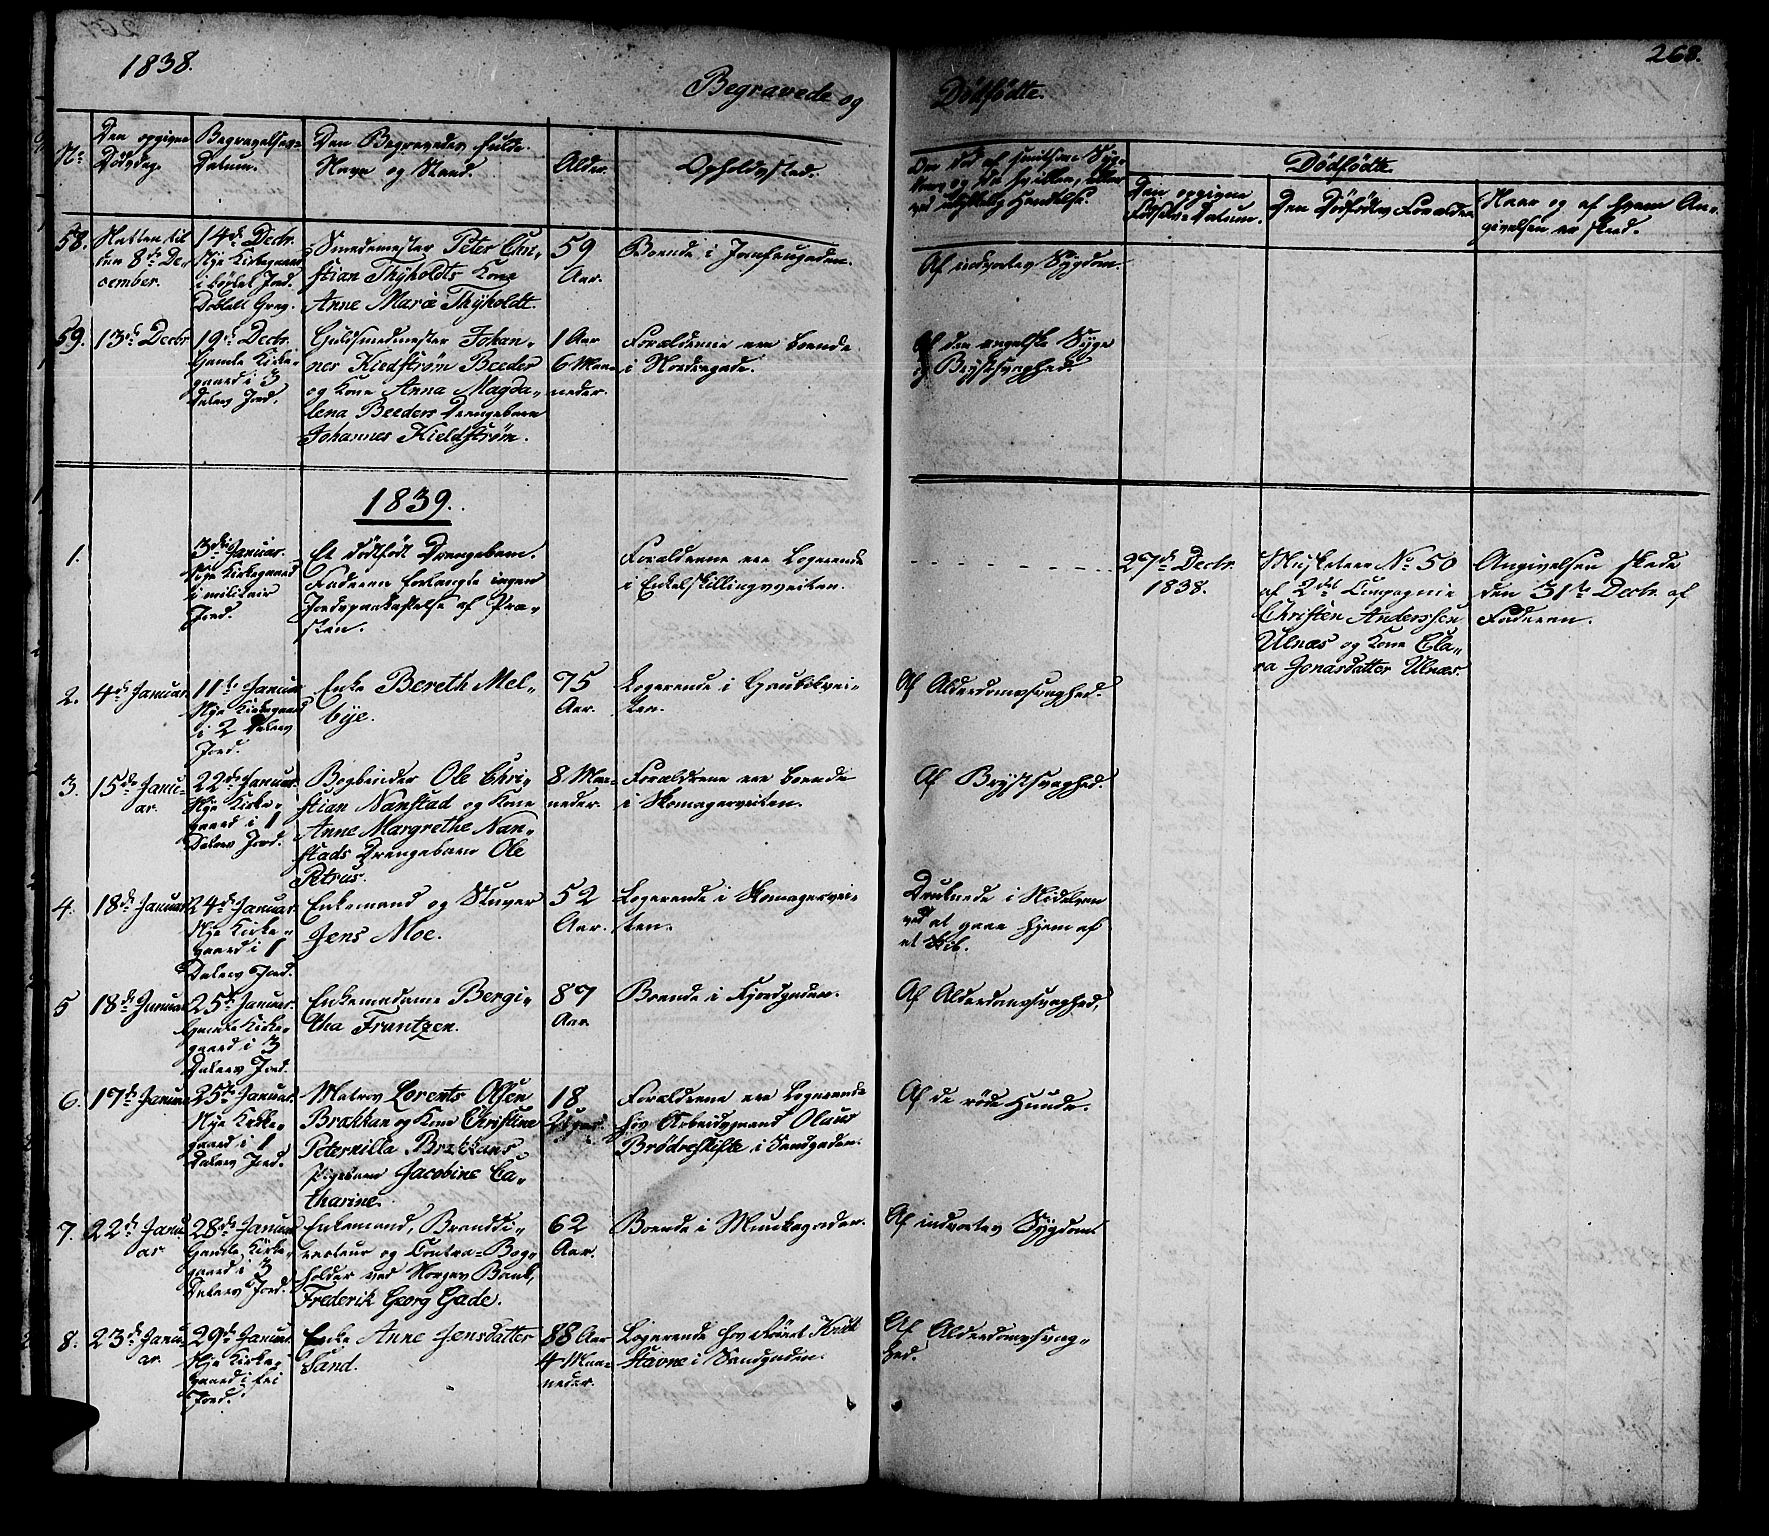 SAT, Ministerialprotokoller, klokkerbøker og fødselsregistre - Sør-Trøndelag, 602/L0136: Klokkerbok nr. 602C04, 1833-1845, s. 268